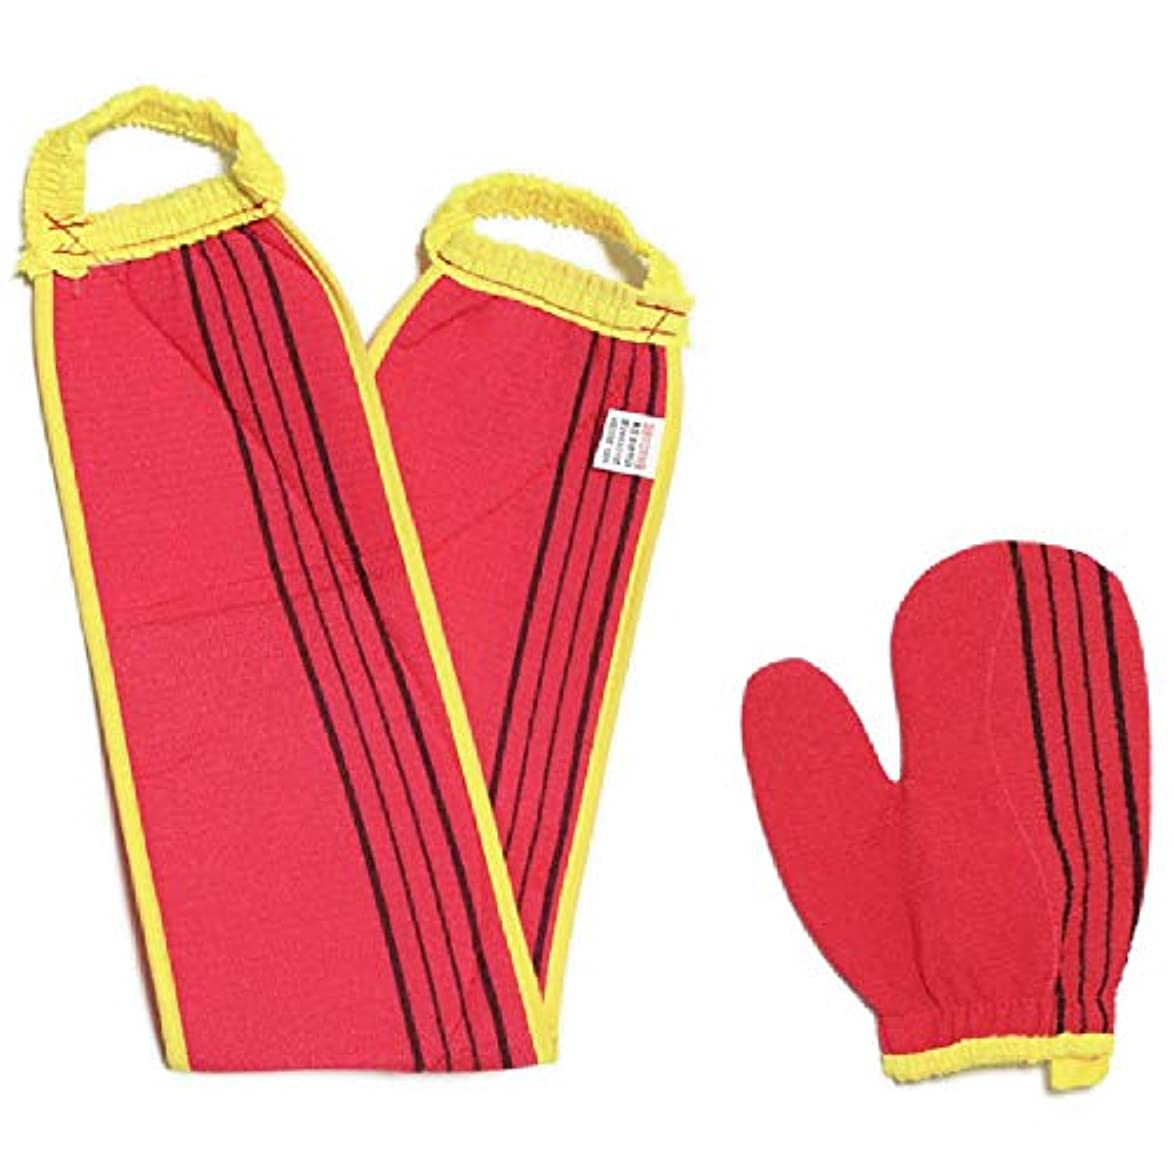 果てしないグリル未来(韓国ブランド) スポンジあかすりセット 全身あかすり 手袋と背中のあかすり 全身エステ 両面つばあかすり お風呂グッズ ボディタオル ボディースポンジ (赤色セット)